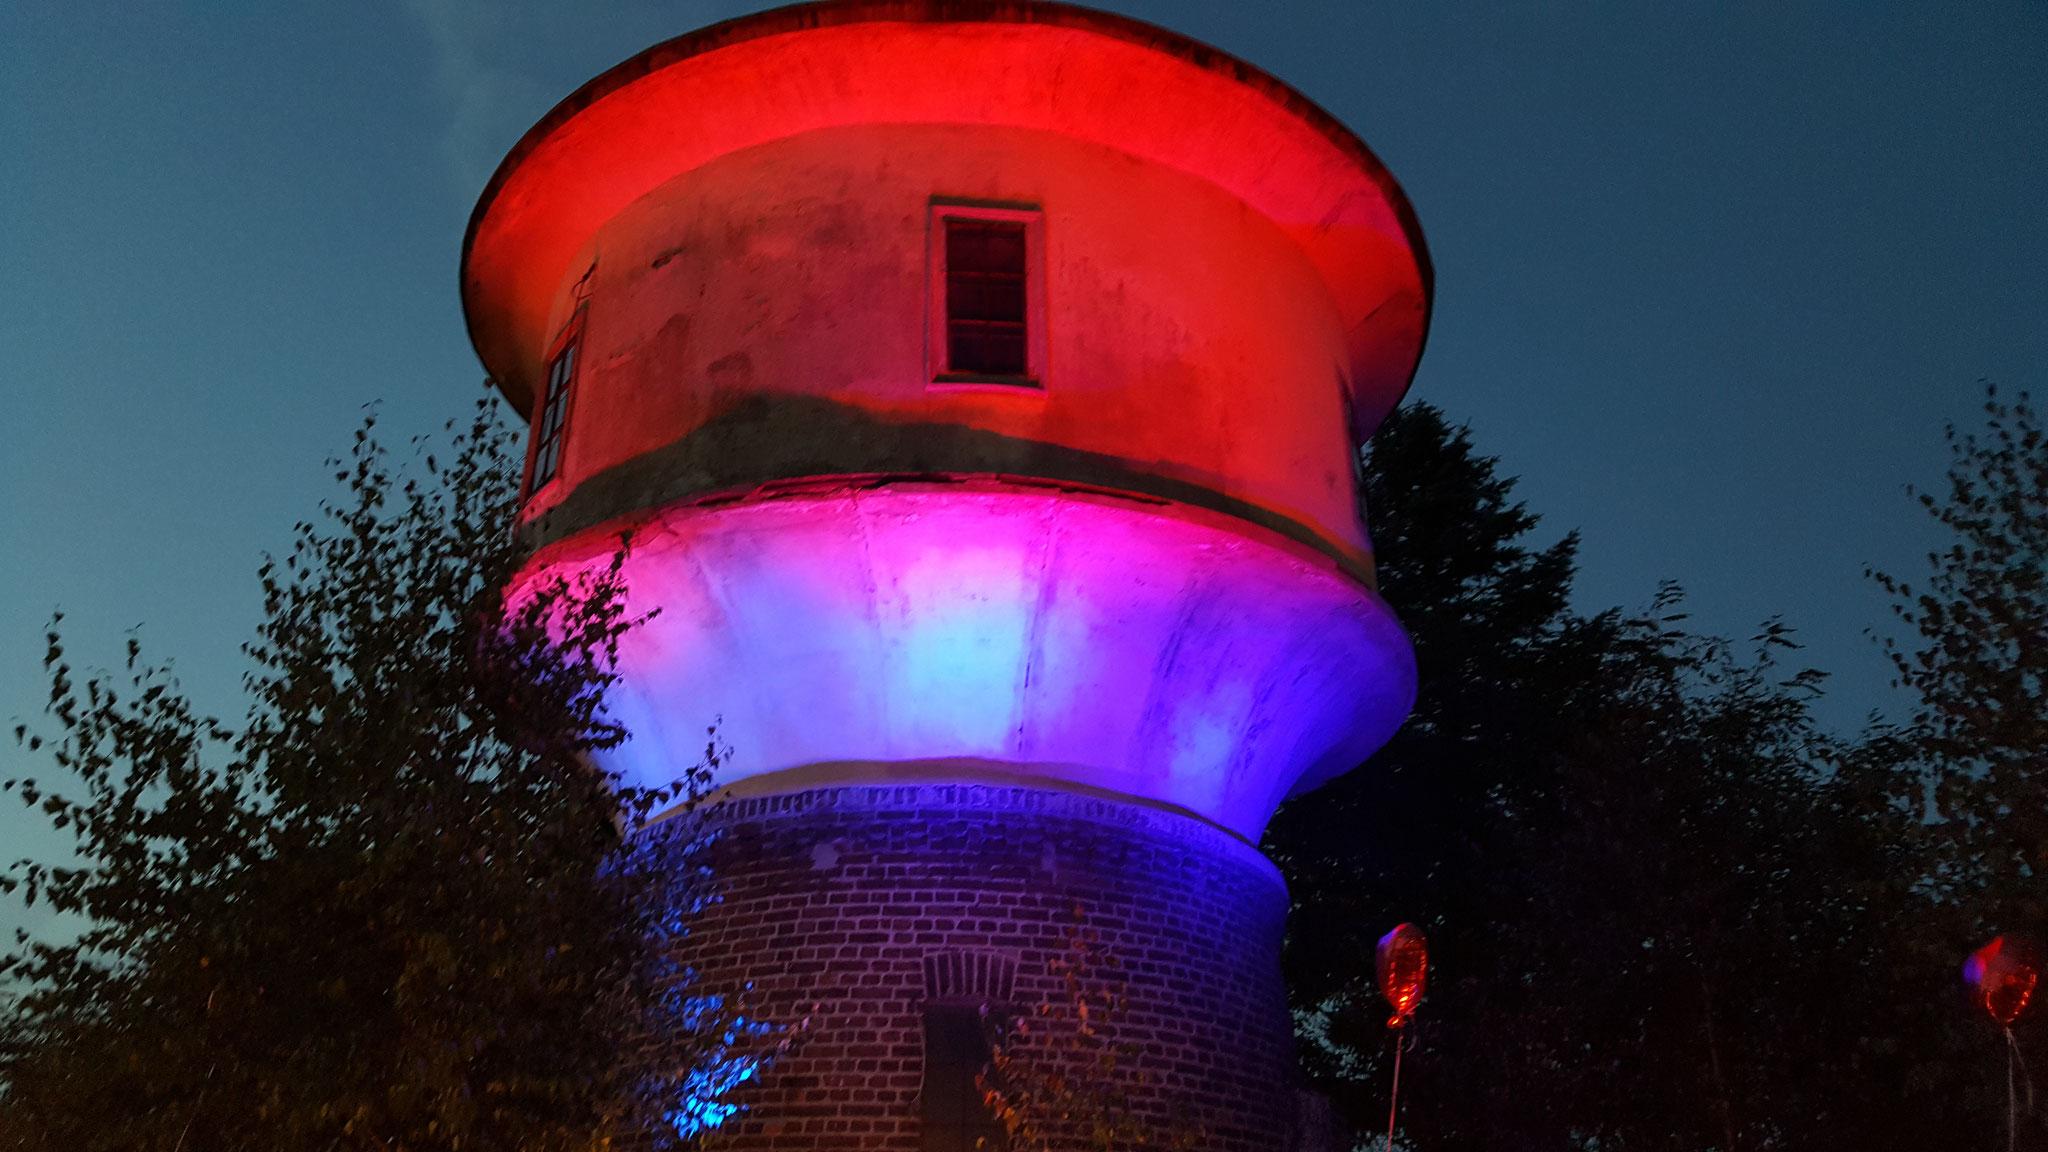 Ein mittels LED Scheinwerfern illuminierter Wasserturm in Gielsdorf